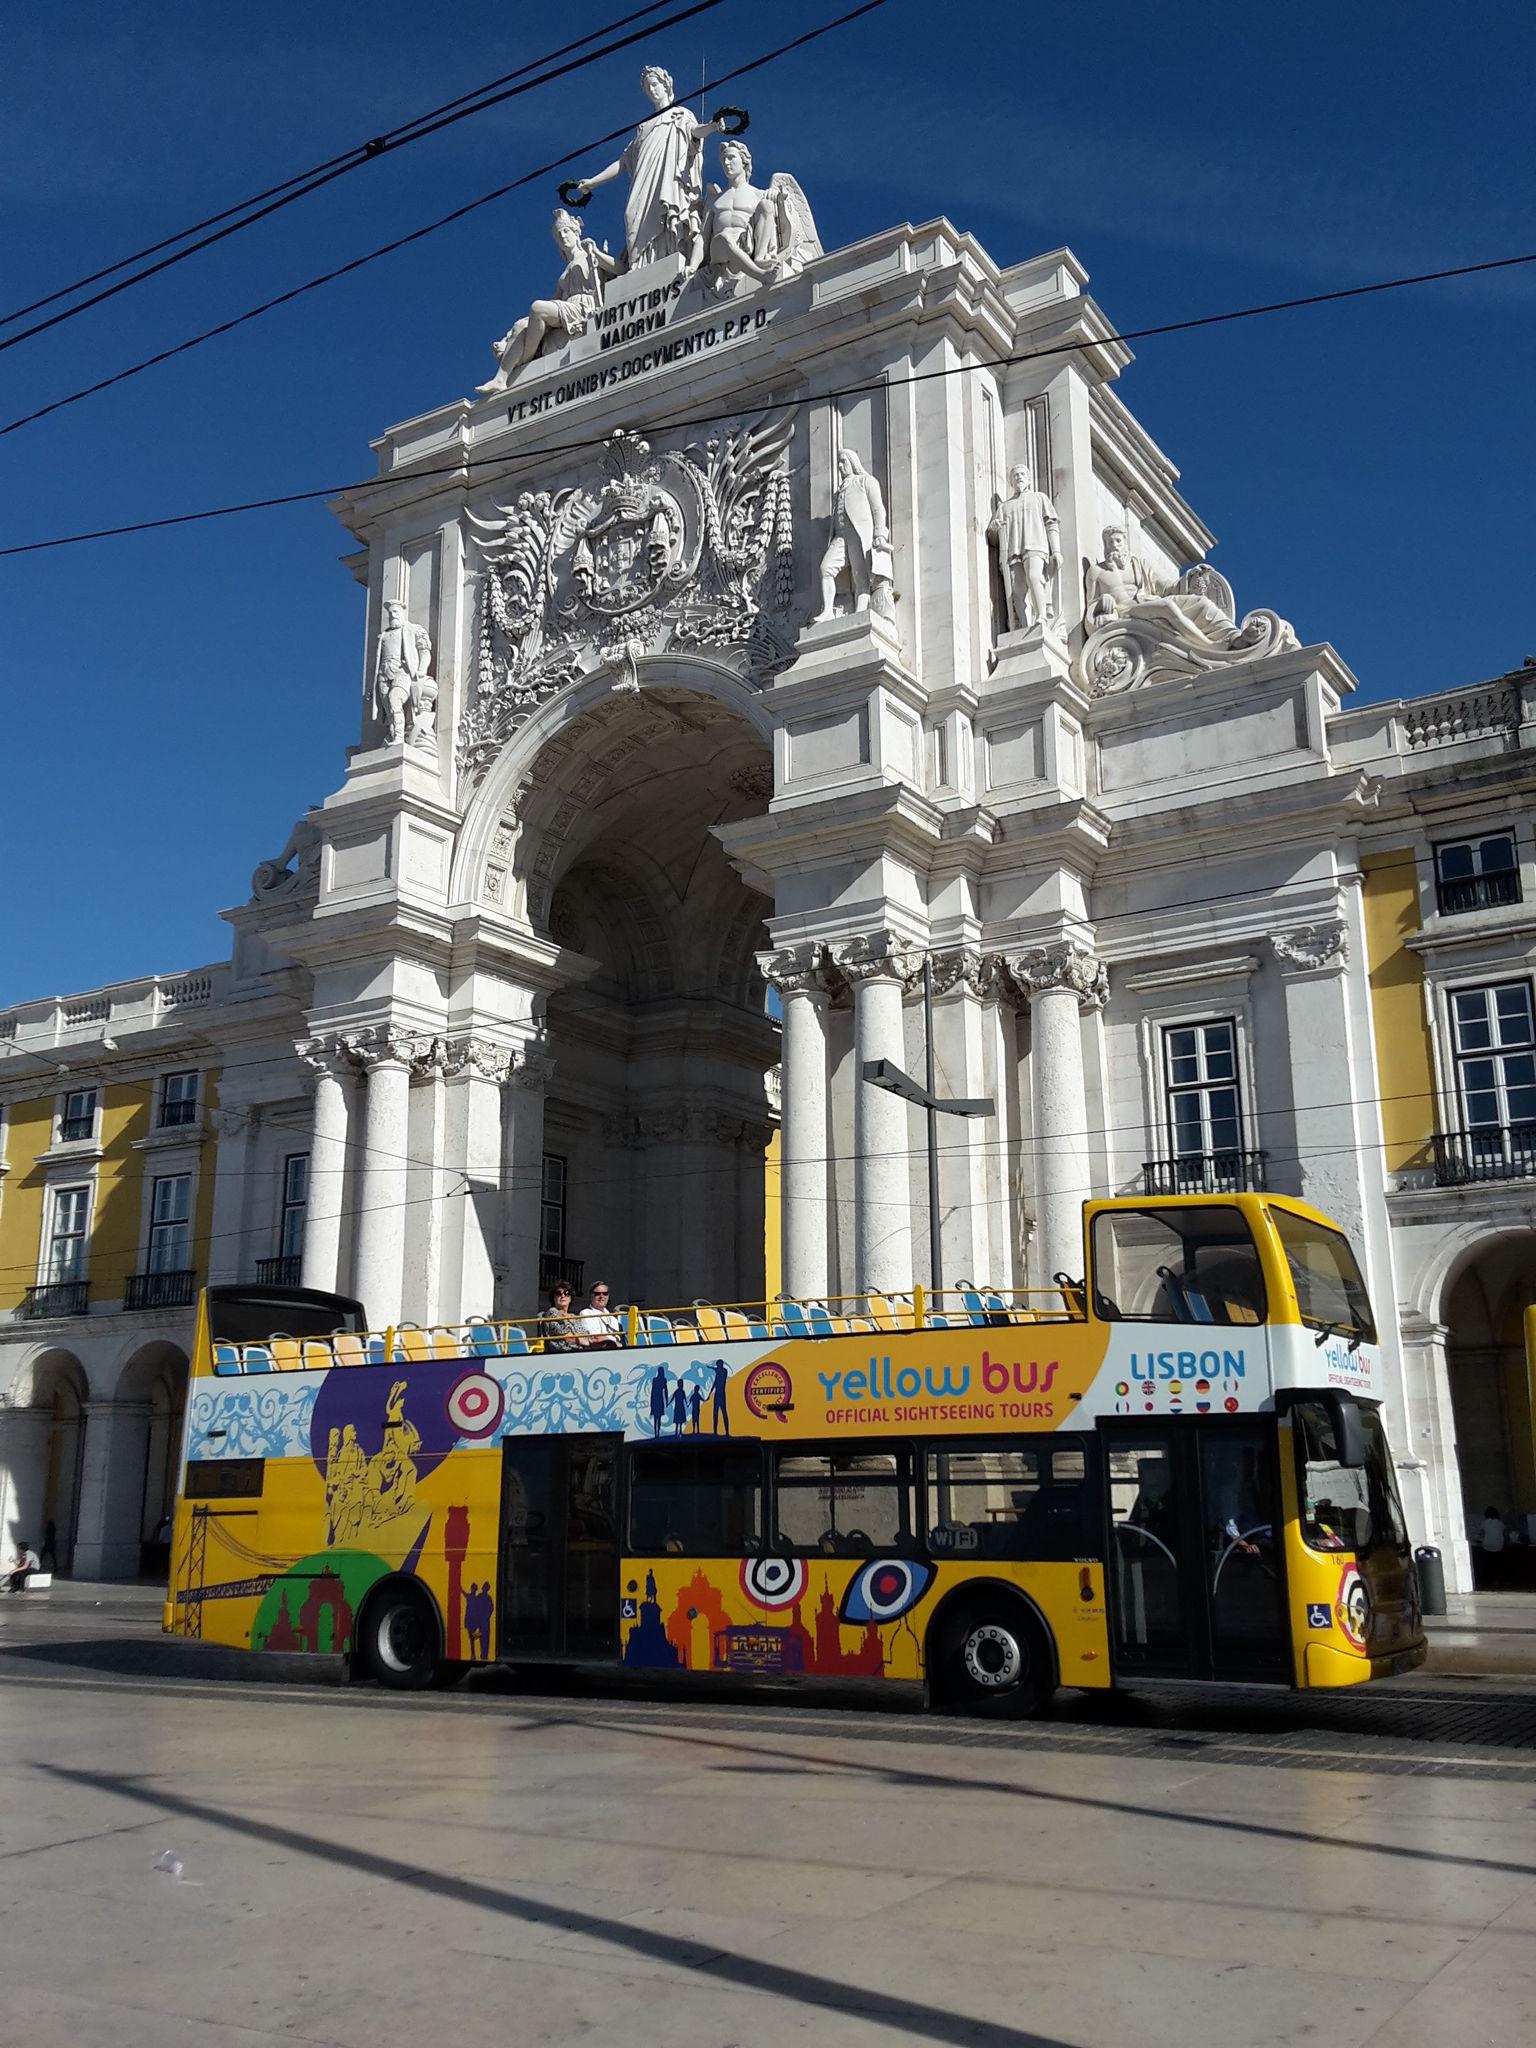 MÁS FOTOS, Visita turística combinada en Lisboa: excursión en autobús con paradas libres por Lisboa con cuatro rutas con tranvía